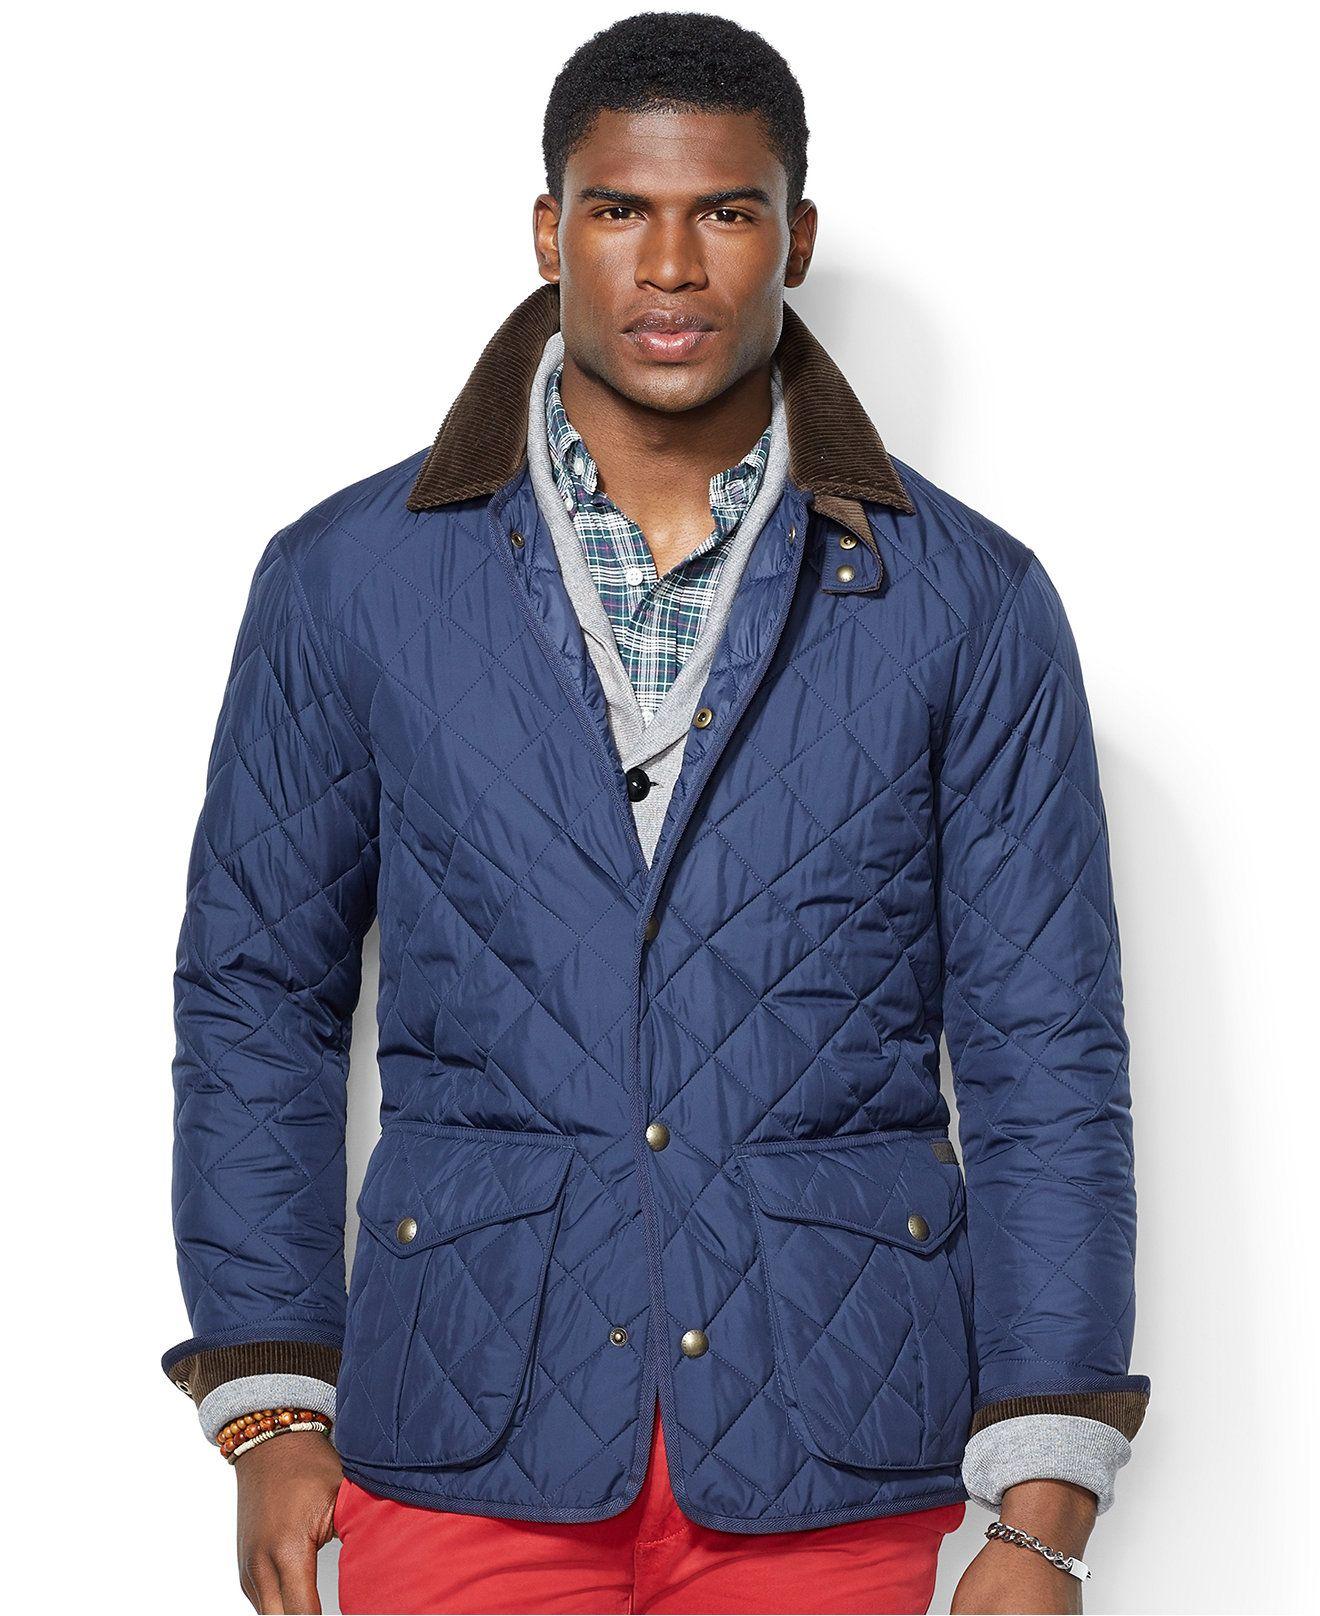 Polo Ralph Lauren Danbury Quilted Car Coat - Coats & Jackets - Men - Macy's